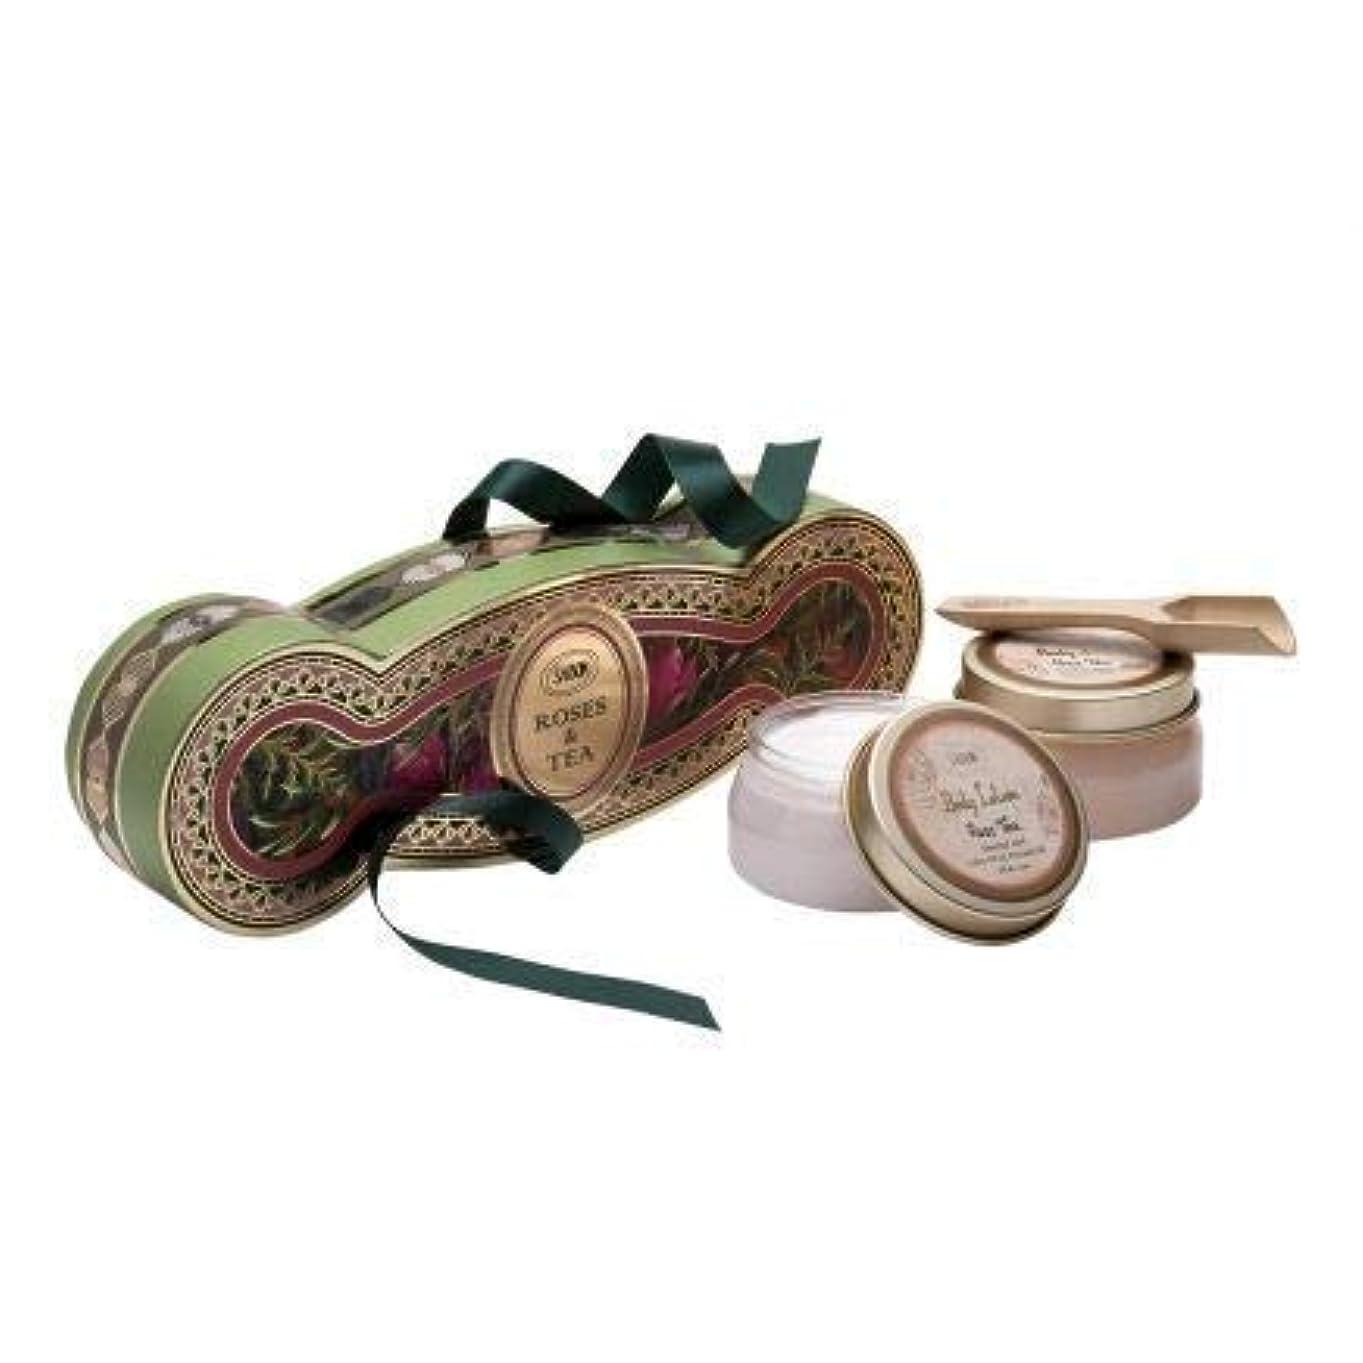 クライアントガウンスカートサボン コフレ ギフト ローズティー キット ボディスクラブ ボディローション ホワイトデー SABON Rose Tea kit コレクション